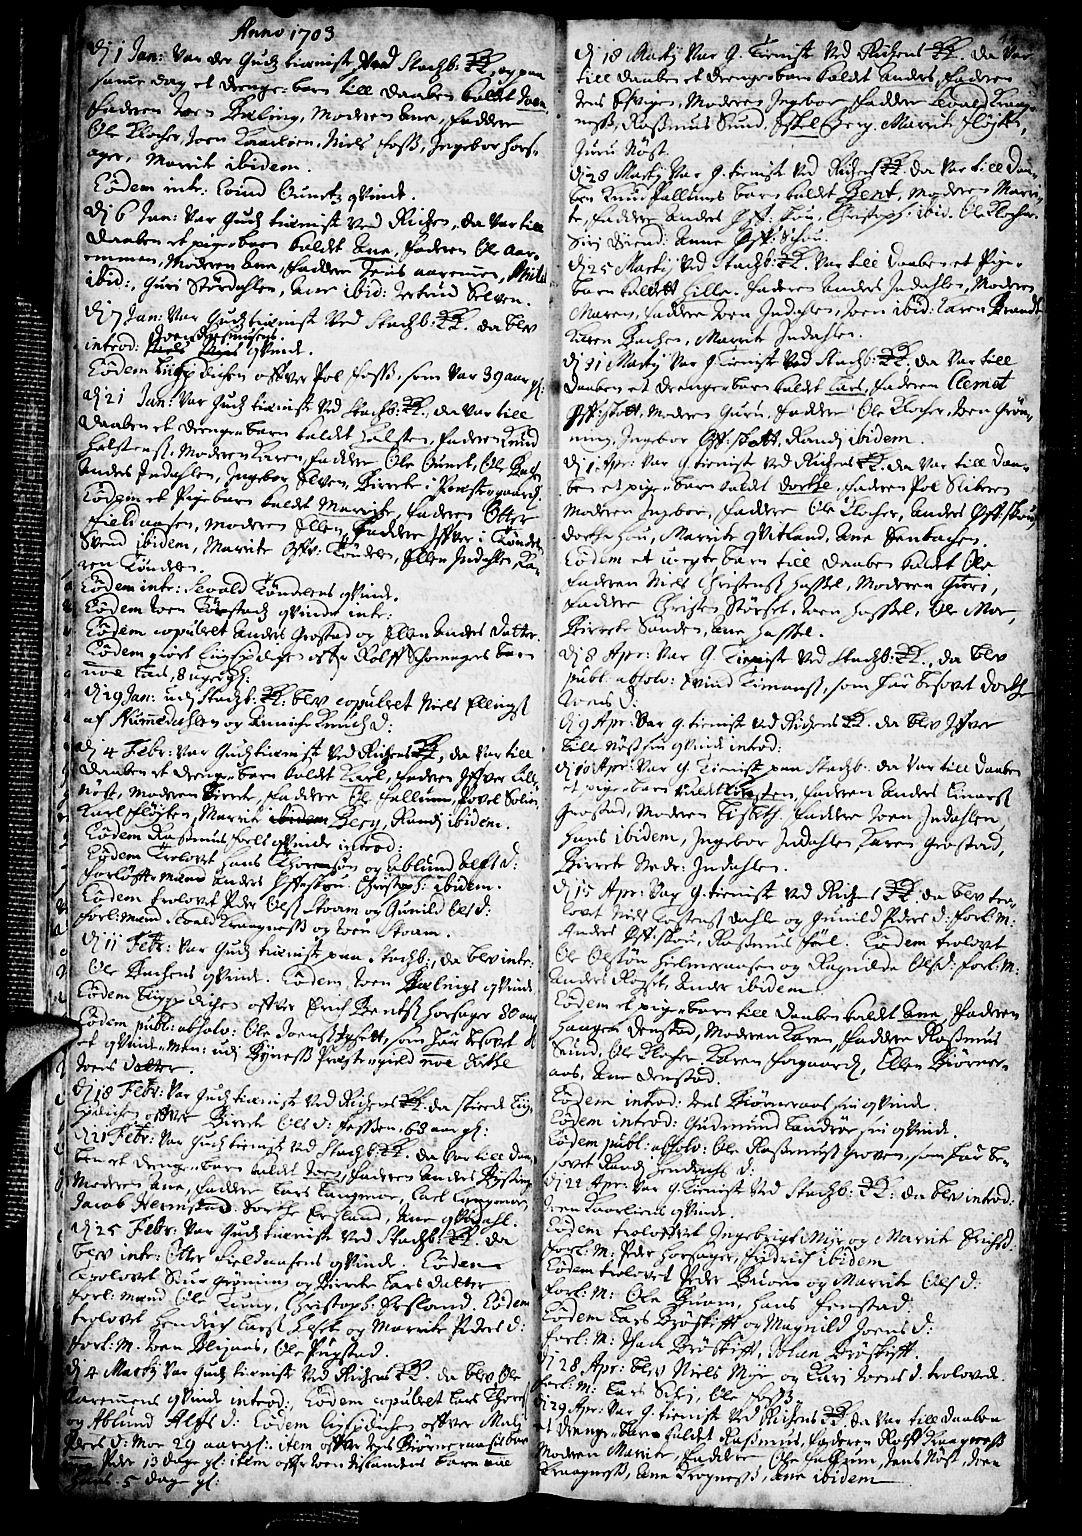 SAT, Ministerialprotokoller, klokkerbøker og fødselsregistre - Sør-Trøndelag, 646/L0603: Ministerialbok nr. 646A01, 1700-1734, s. 11